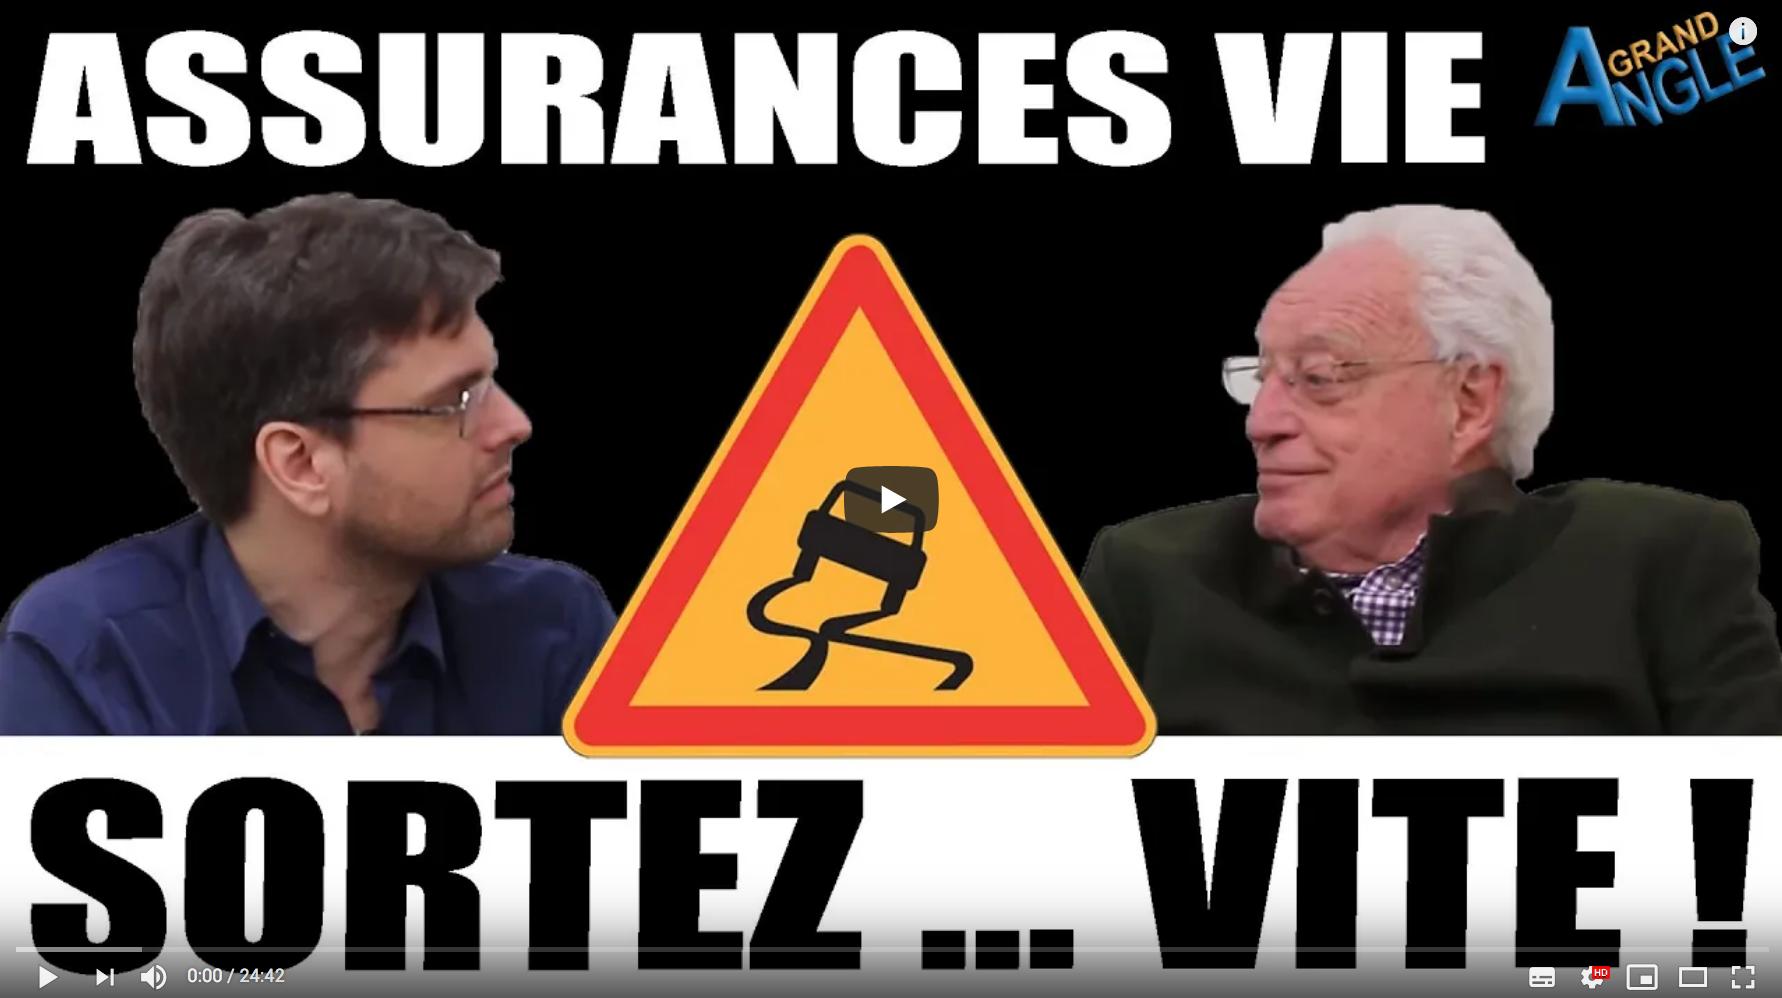 """Charles Gave : """"Les assurances vie en euros sont condamnées. Retirez votre argent maintenant !"""" (VIDÉO)"""